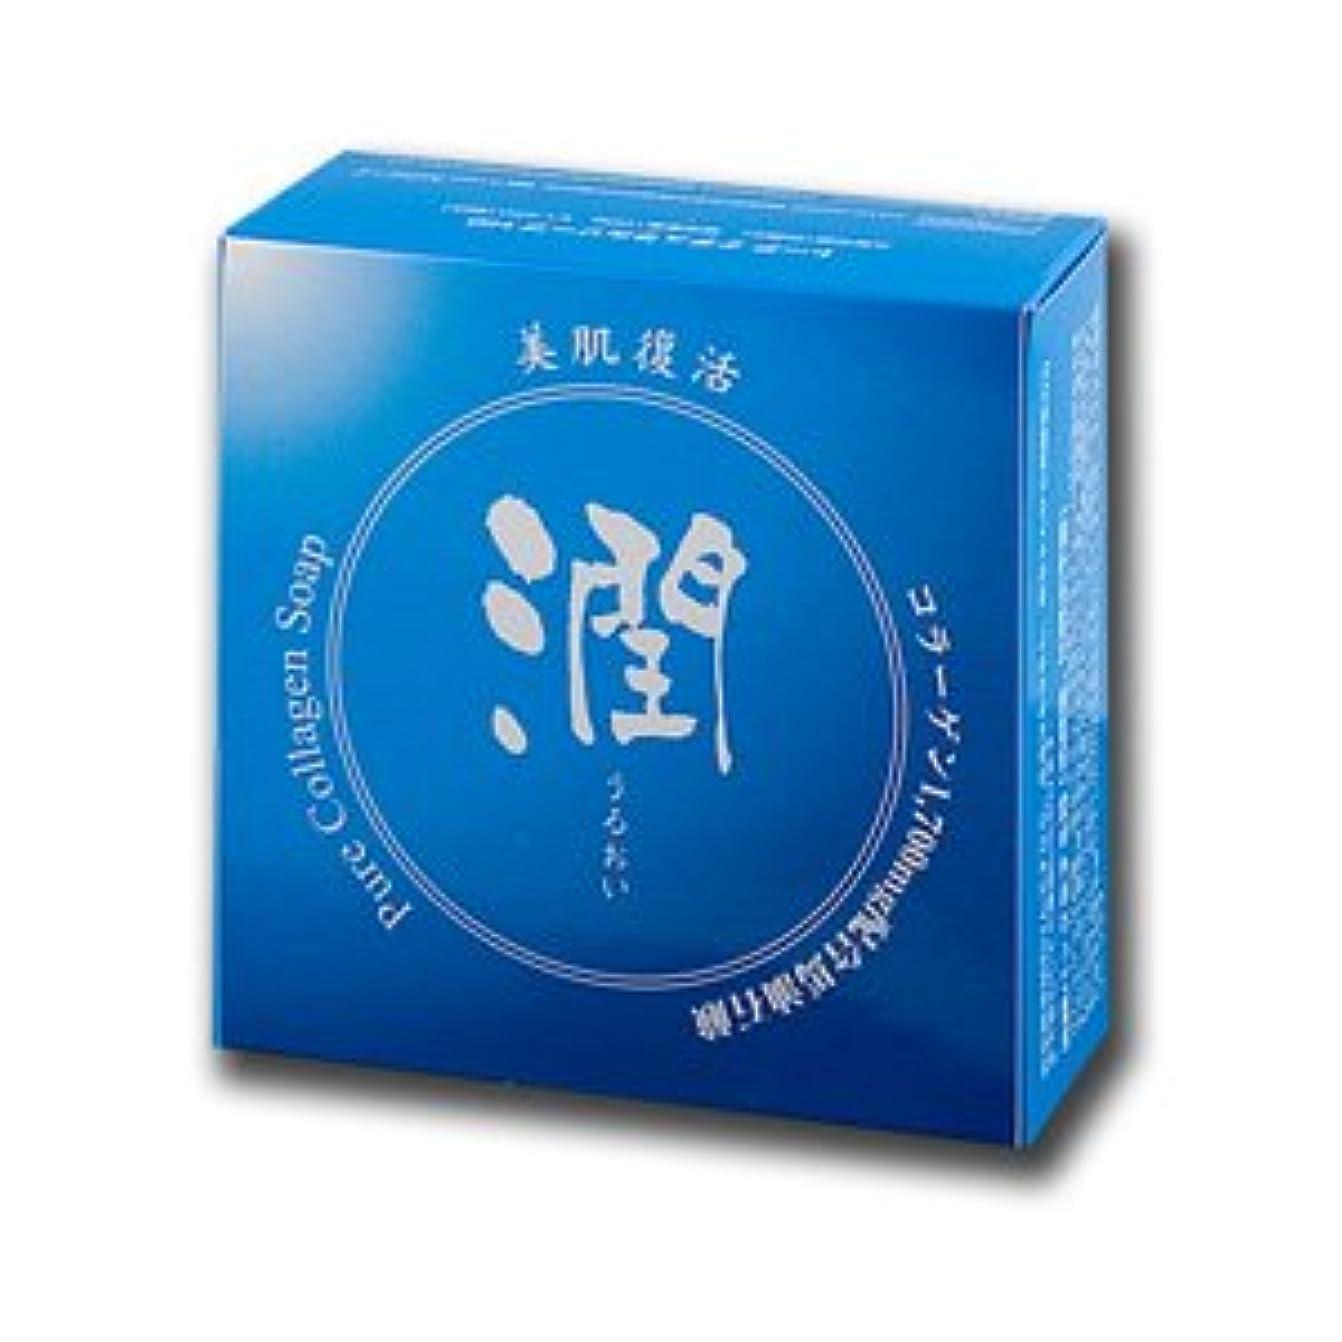 近代化内陸アクティブコラーゲン馬油石鹸 潤 100g (#800410) ×6個セット